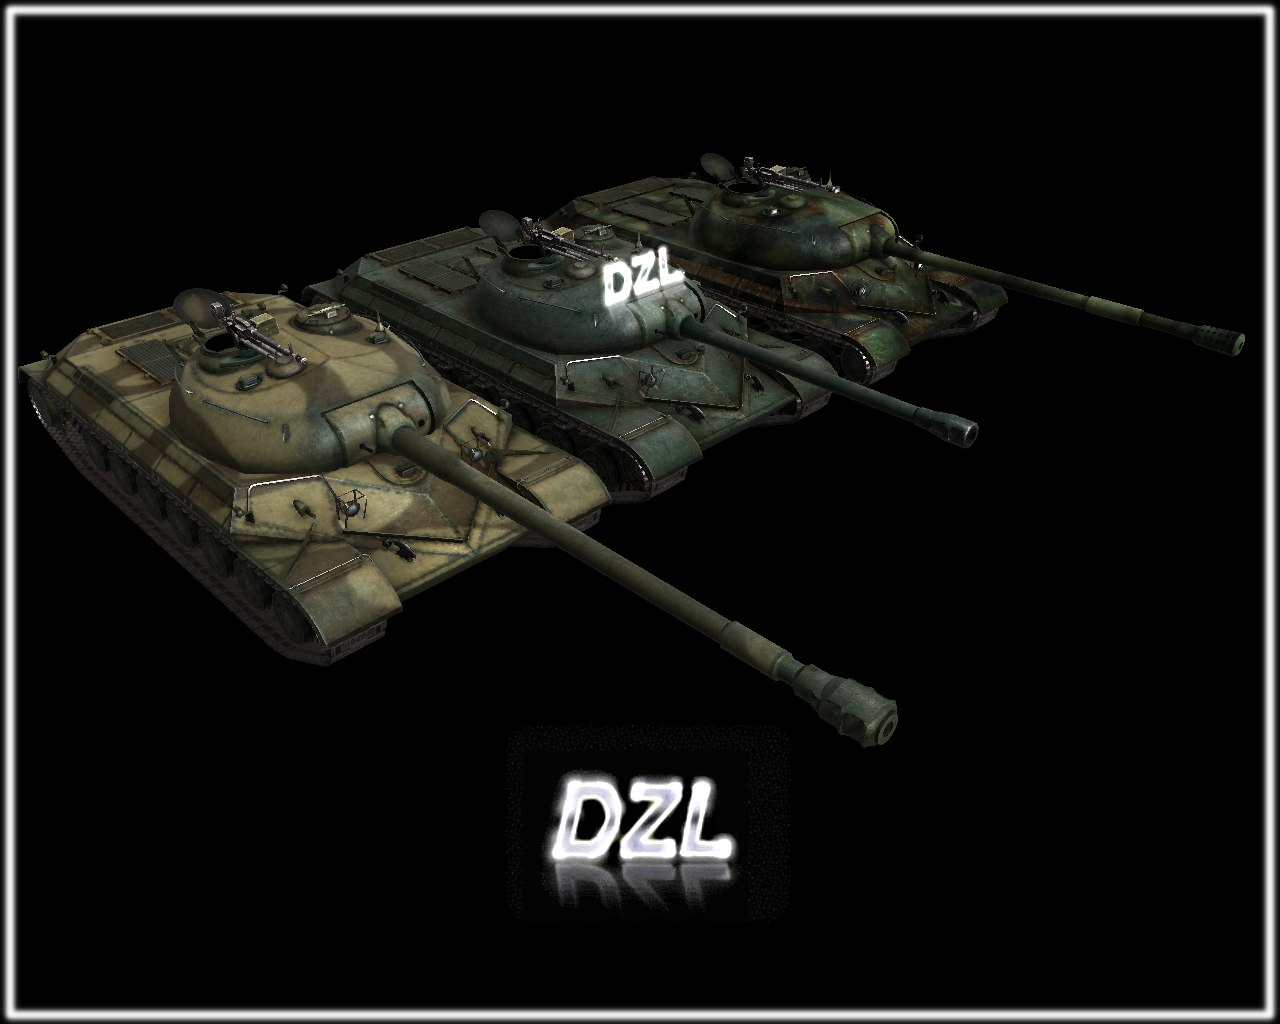 Скачать WZ111-4 - автор DZL — бесплатно